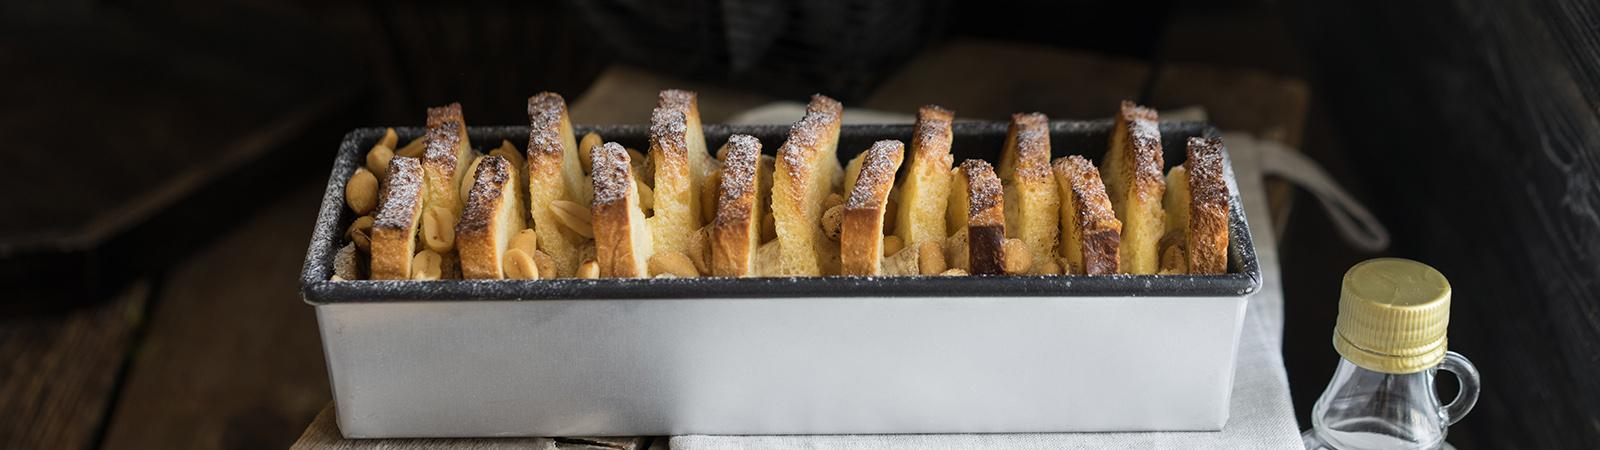 Завтрак в стиле французских тостов